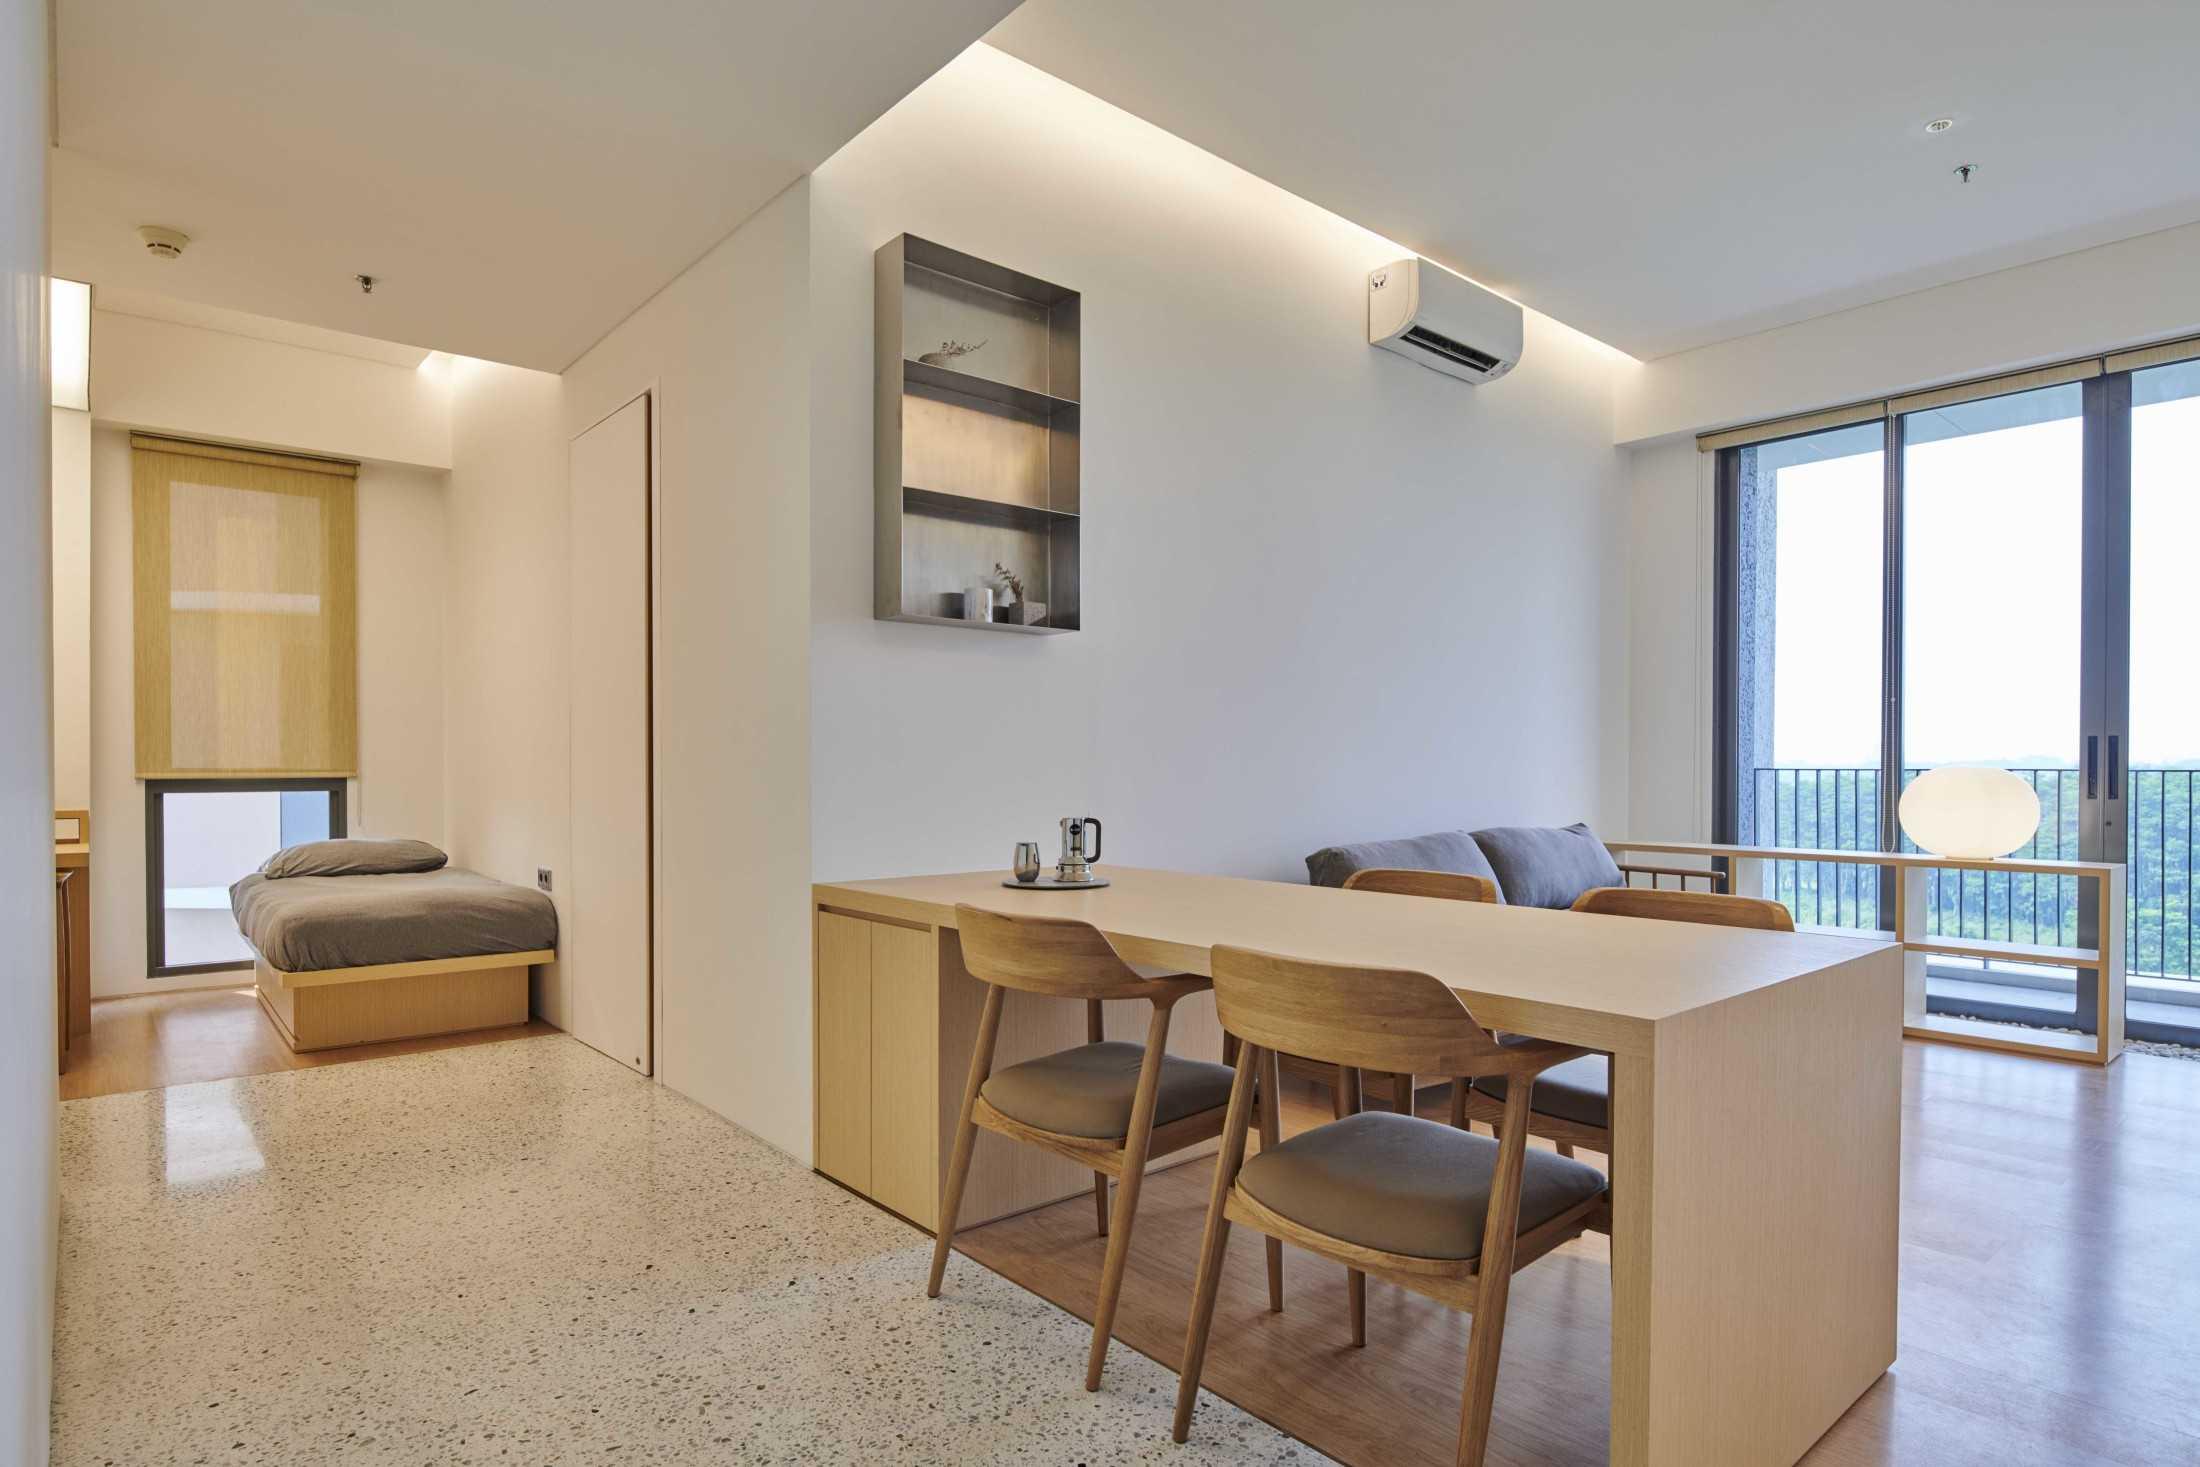 Pemilihan warna natural dan elegan, proyek Marigold Apartment karya Design Donk (Sumber: arsitag.com)